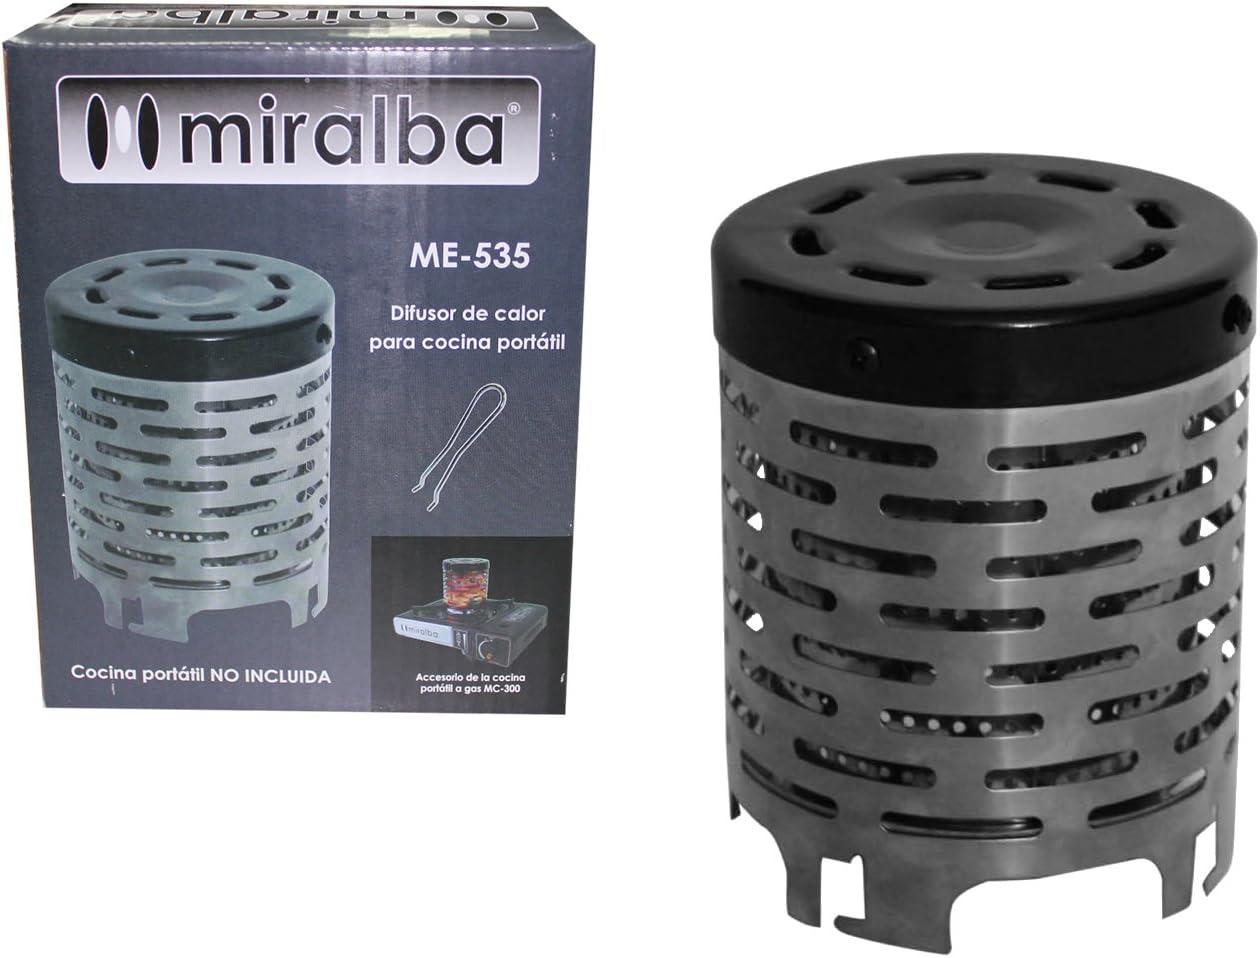 Miralba ME-535 Difusor de Calor, Negro, 12.00x12.00x15.00 cm